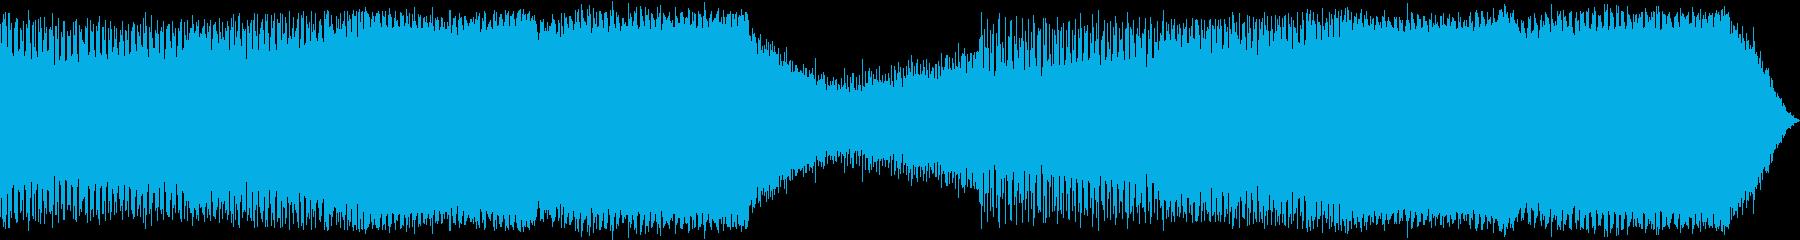 テレビゲーム 電子打楽器 ハイテク...の再生済みの波形